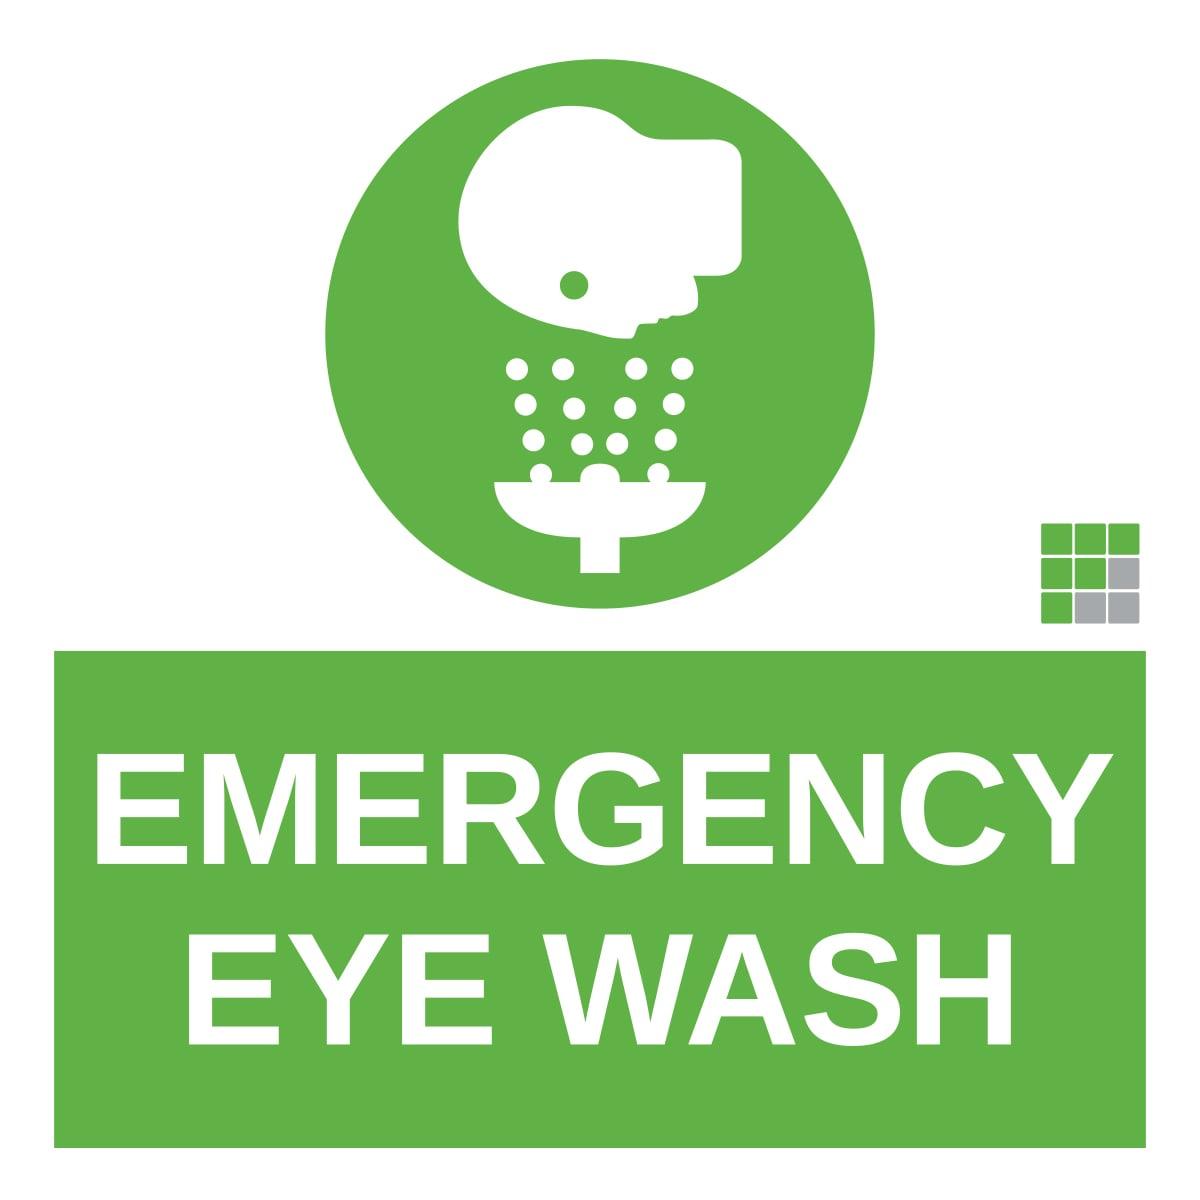 emergency eye wash station - 1x1ft.jpg